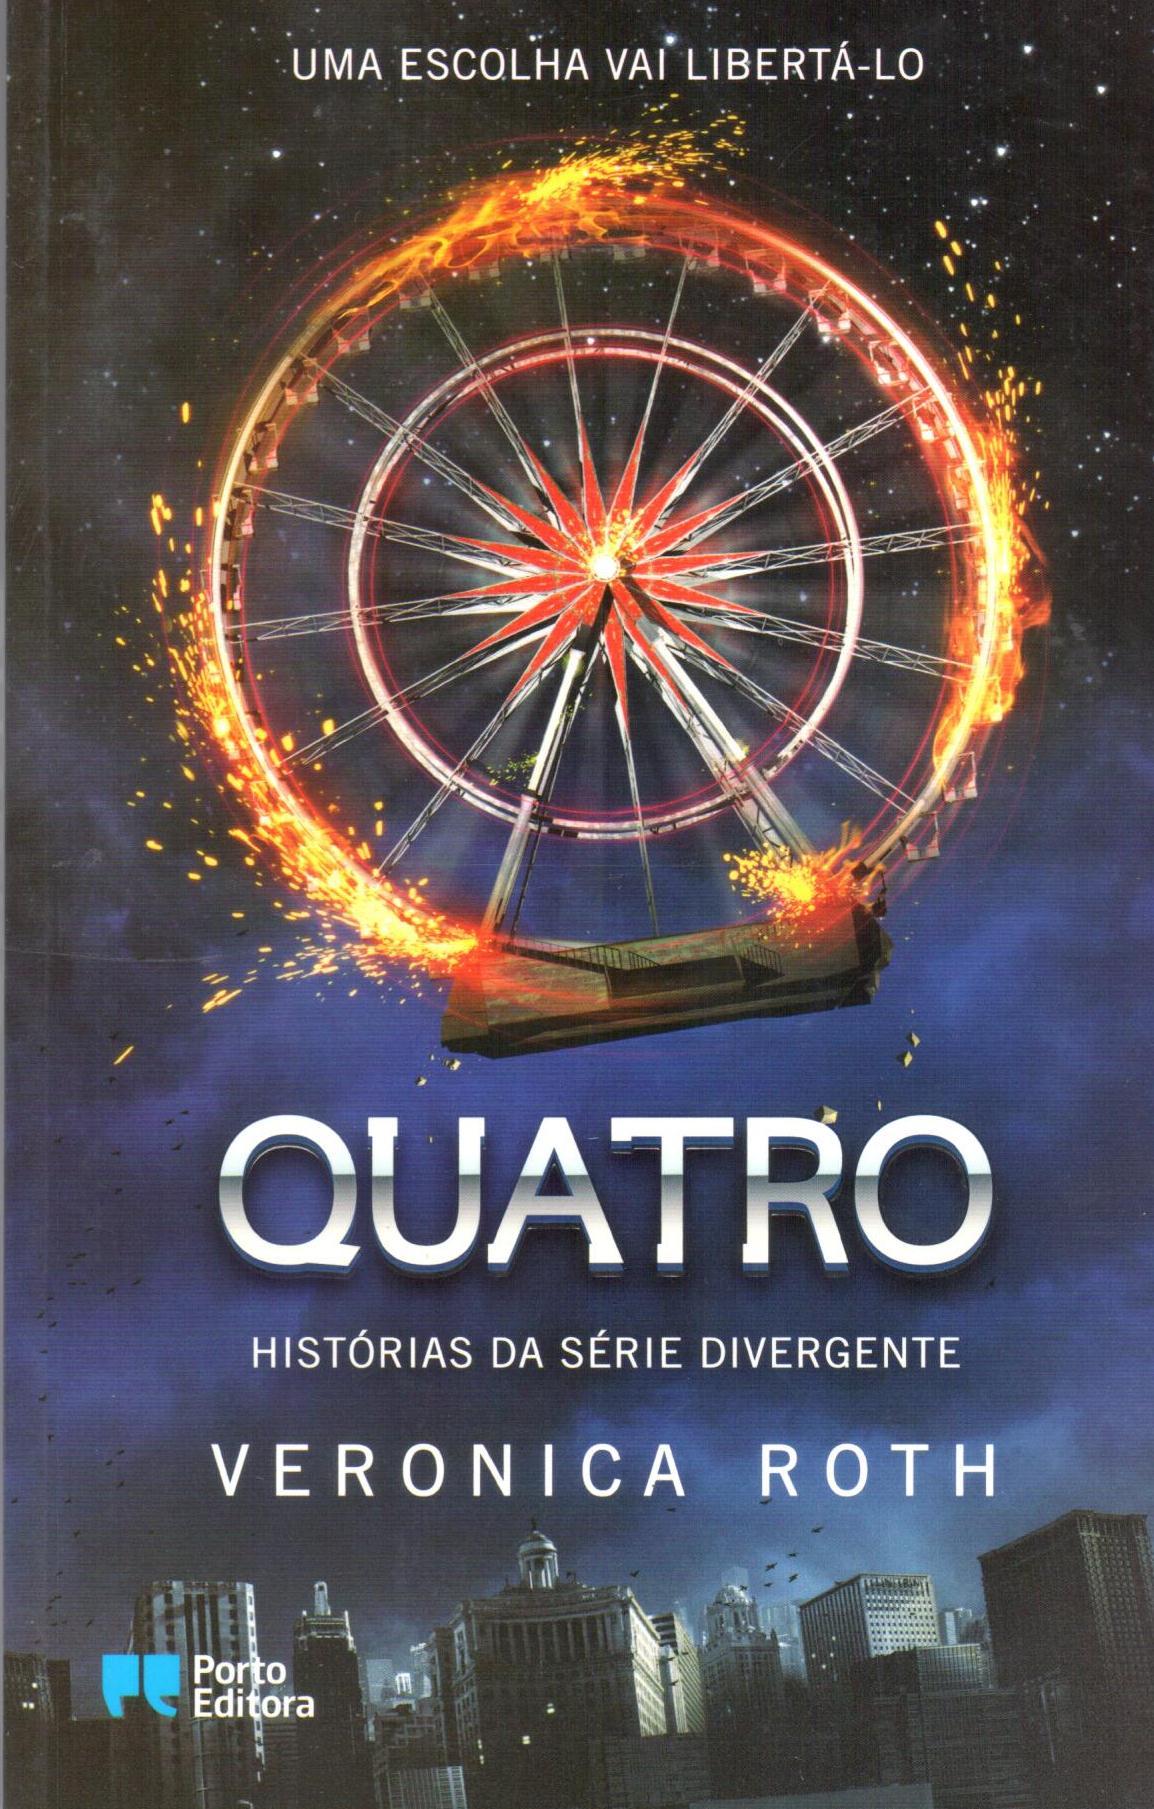 Quatro - Histórias da Série Divergente